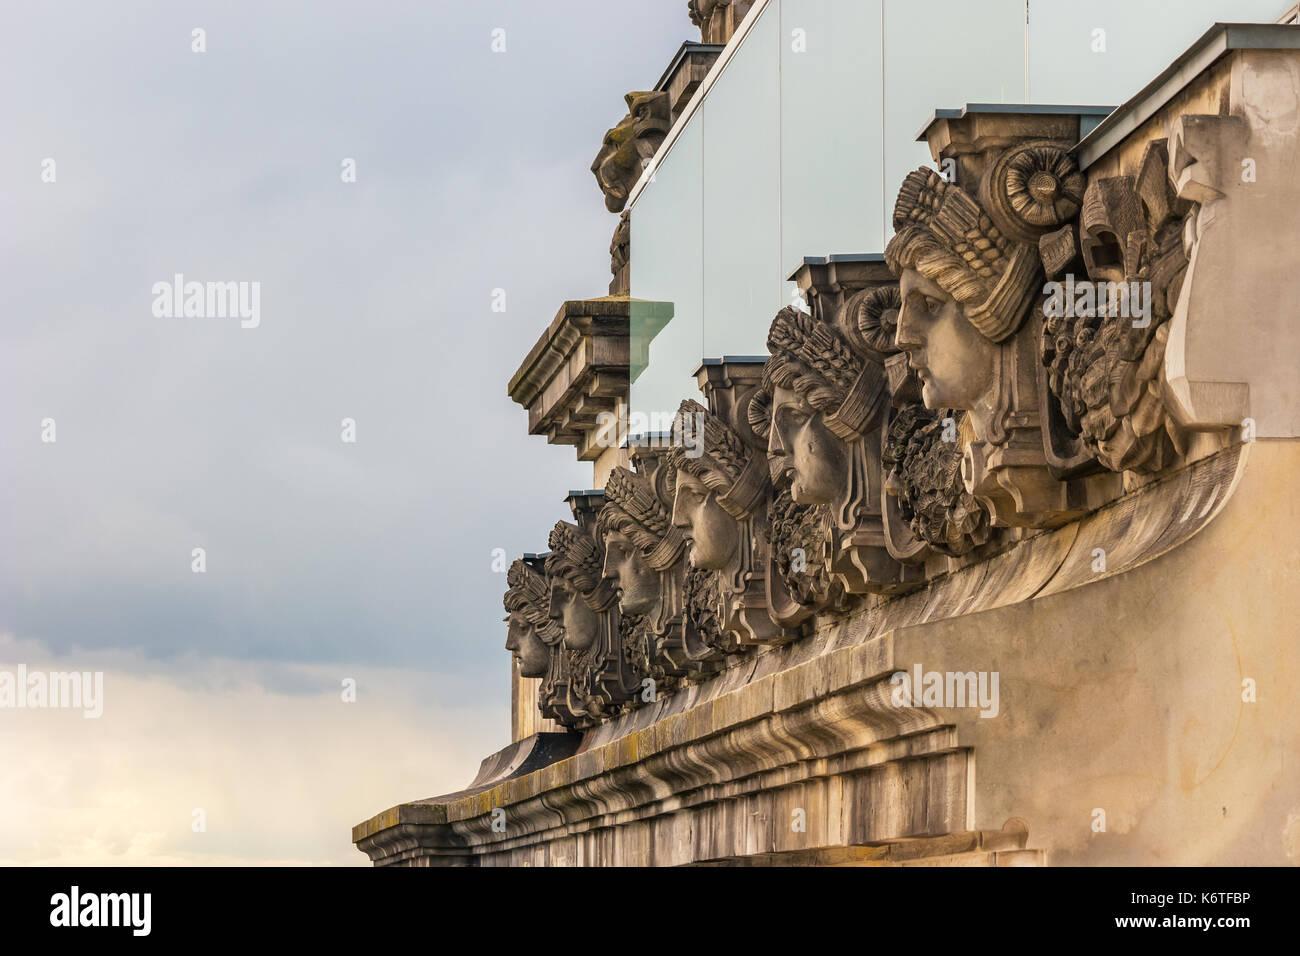 Angesichts der Statue im Berliner Reichstag (Bundestag), Berlin, Deutschland Stockbild